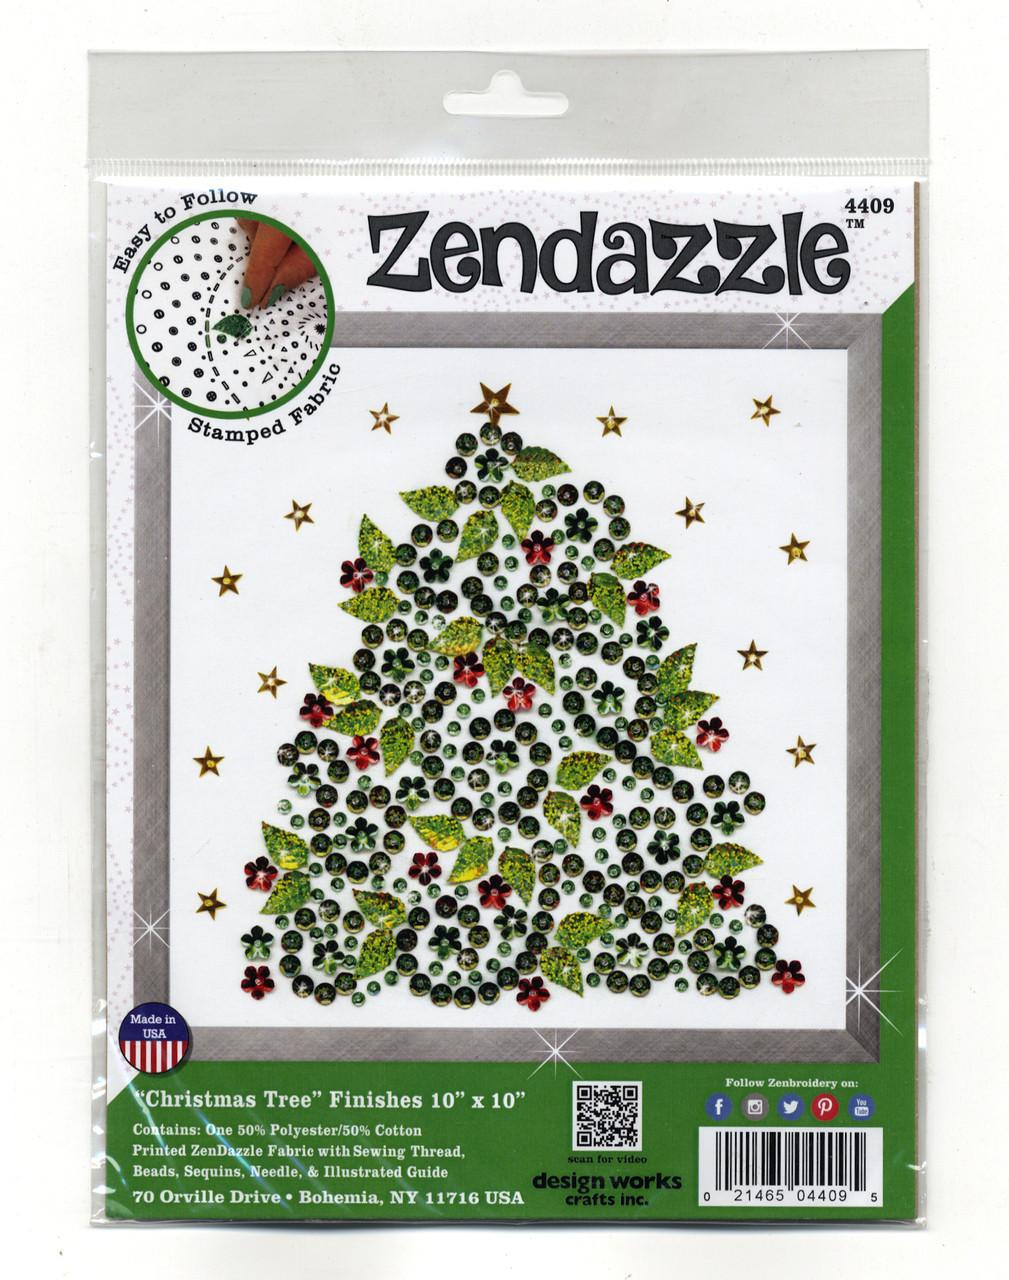 Zendazzle - Christmas Tree